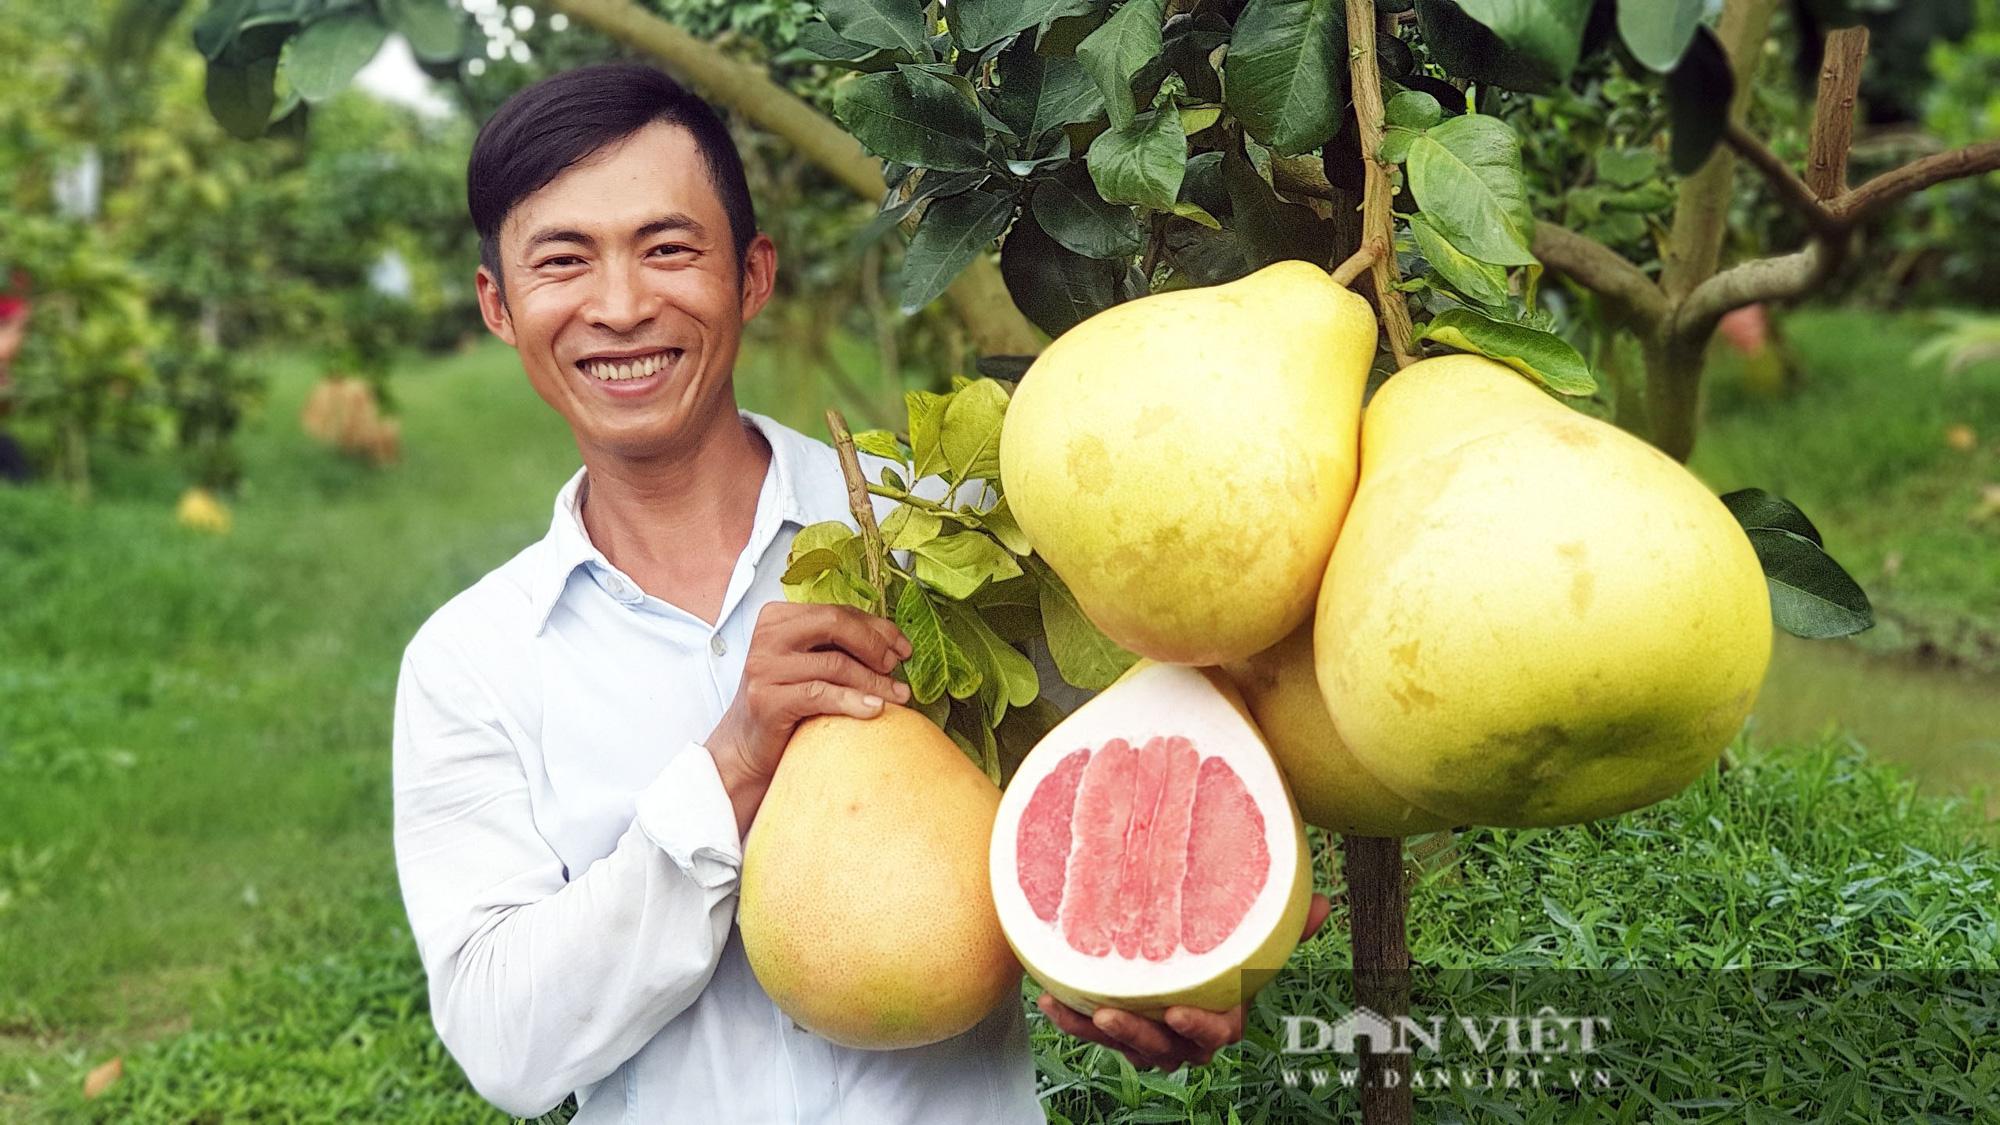 Rất lạ: Trái bưởi màu hồng rất to, treo từng chùm trong vườn nhìn đã mắt ở miền Tây - Ảnh 3.